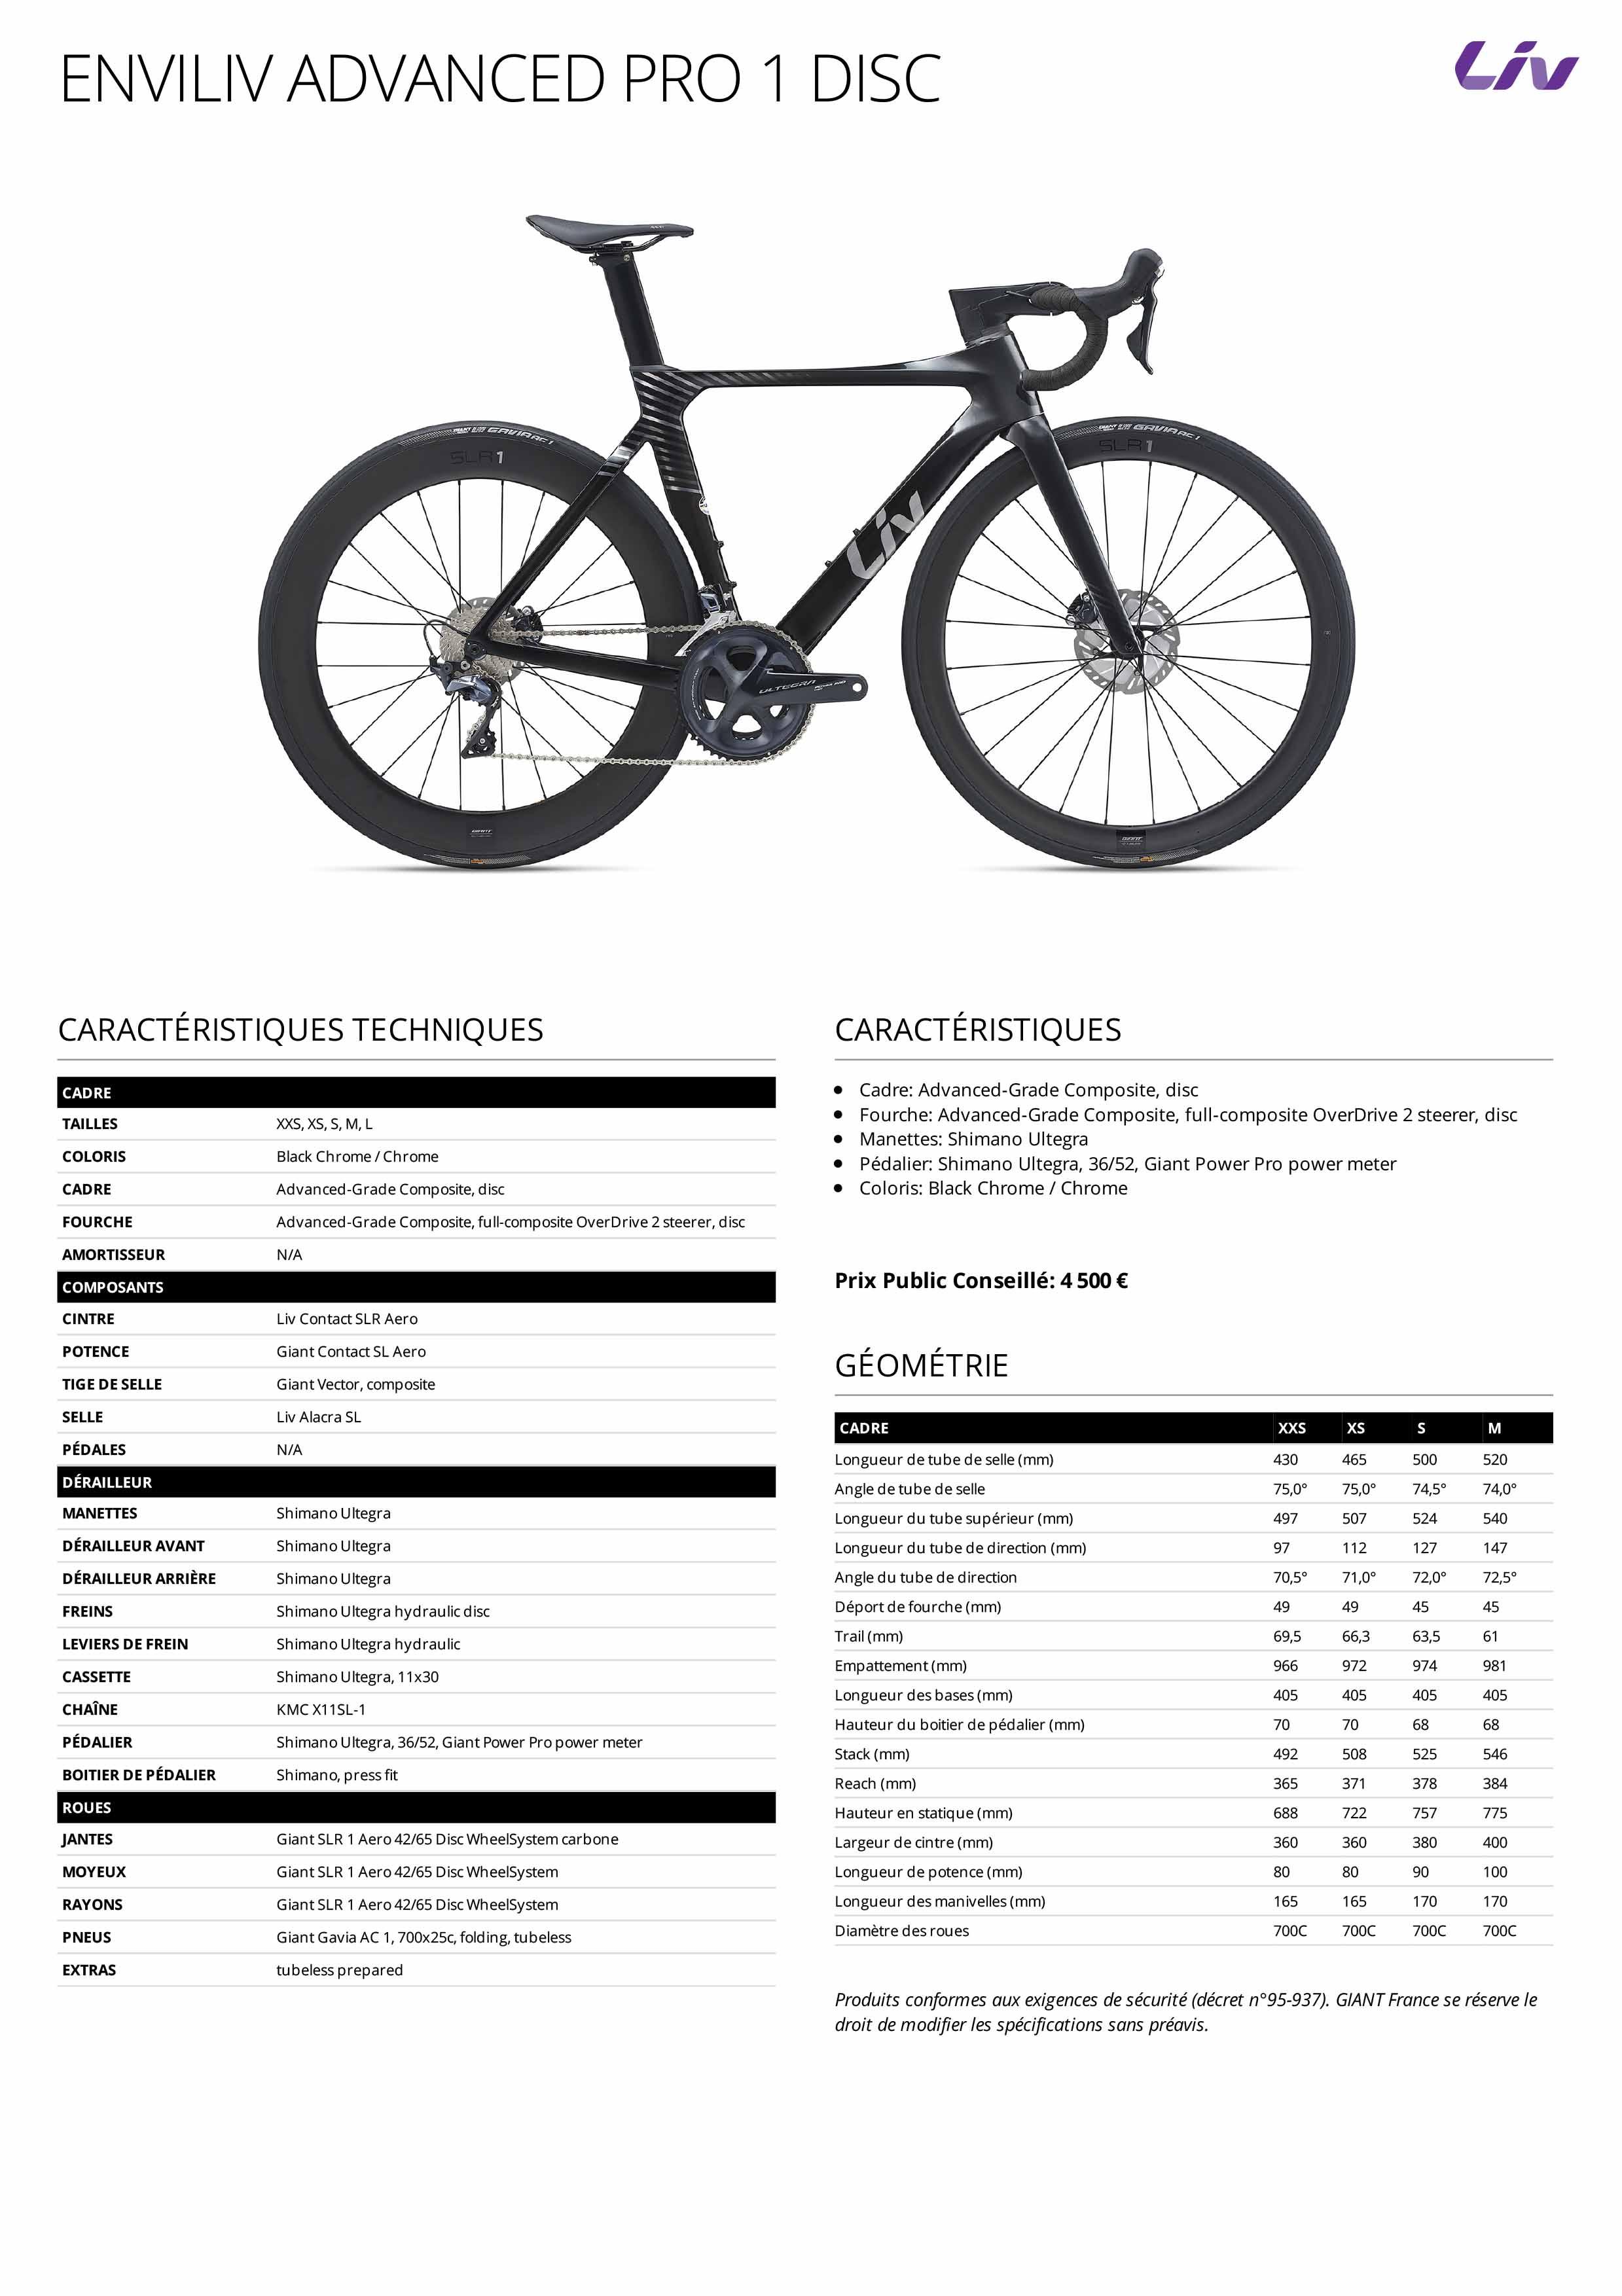 Fiche technique Vélo femme aéro LIV Advanced Pro 1 Disc 2021